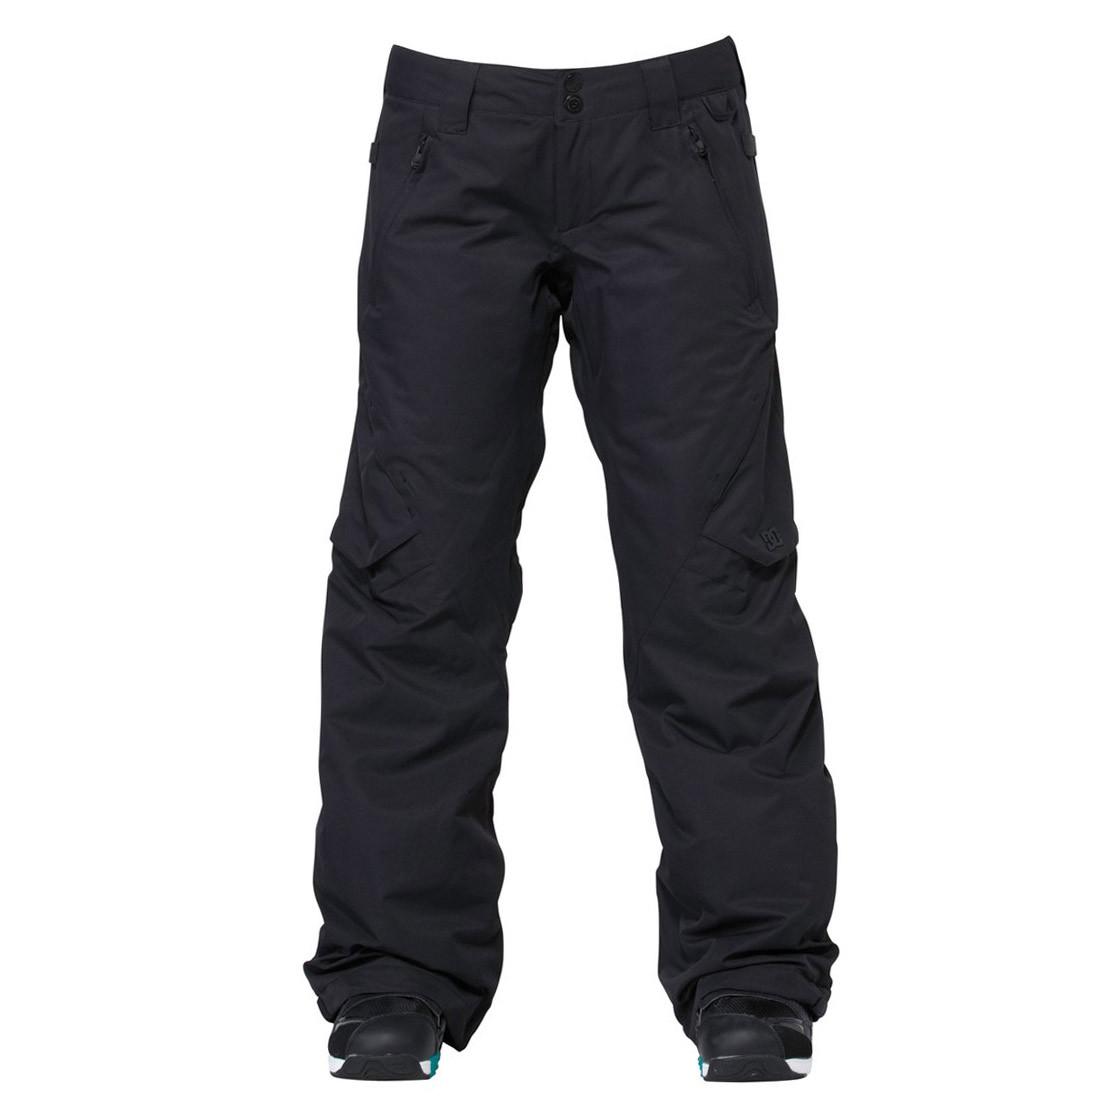 Kalhoty DC Ace black